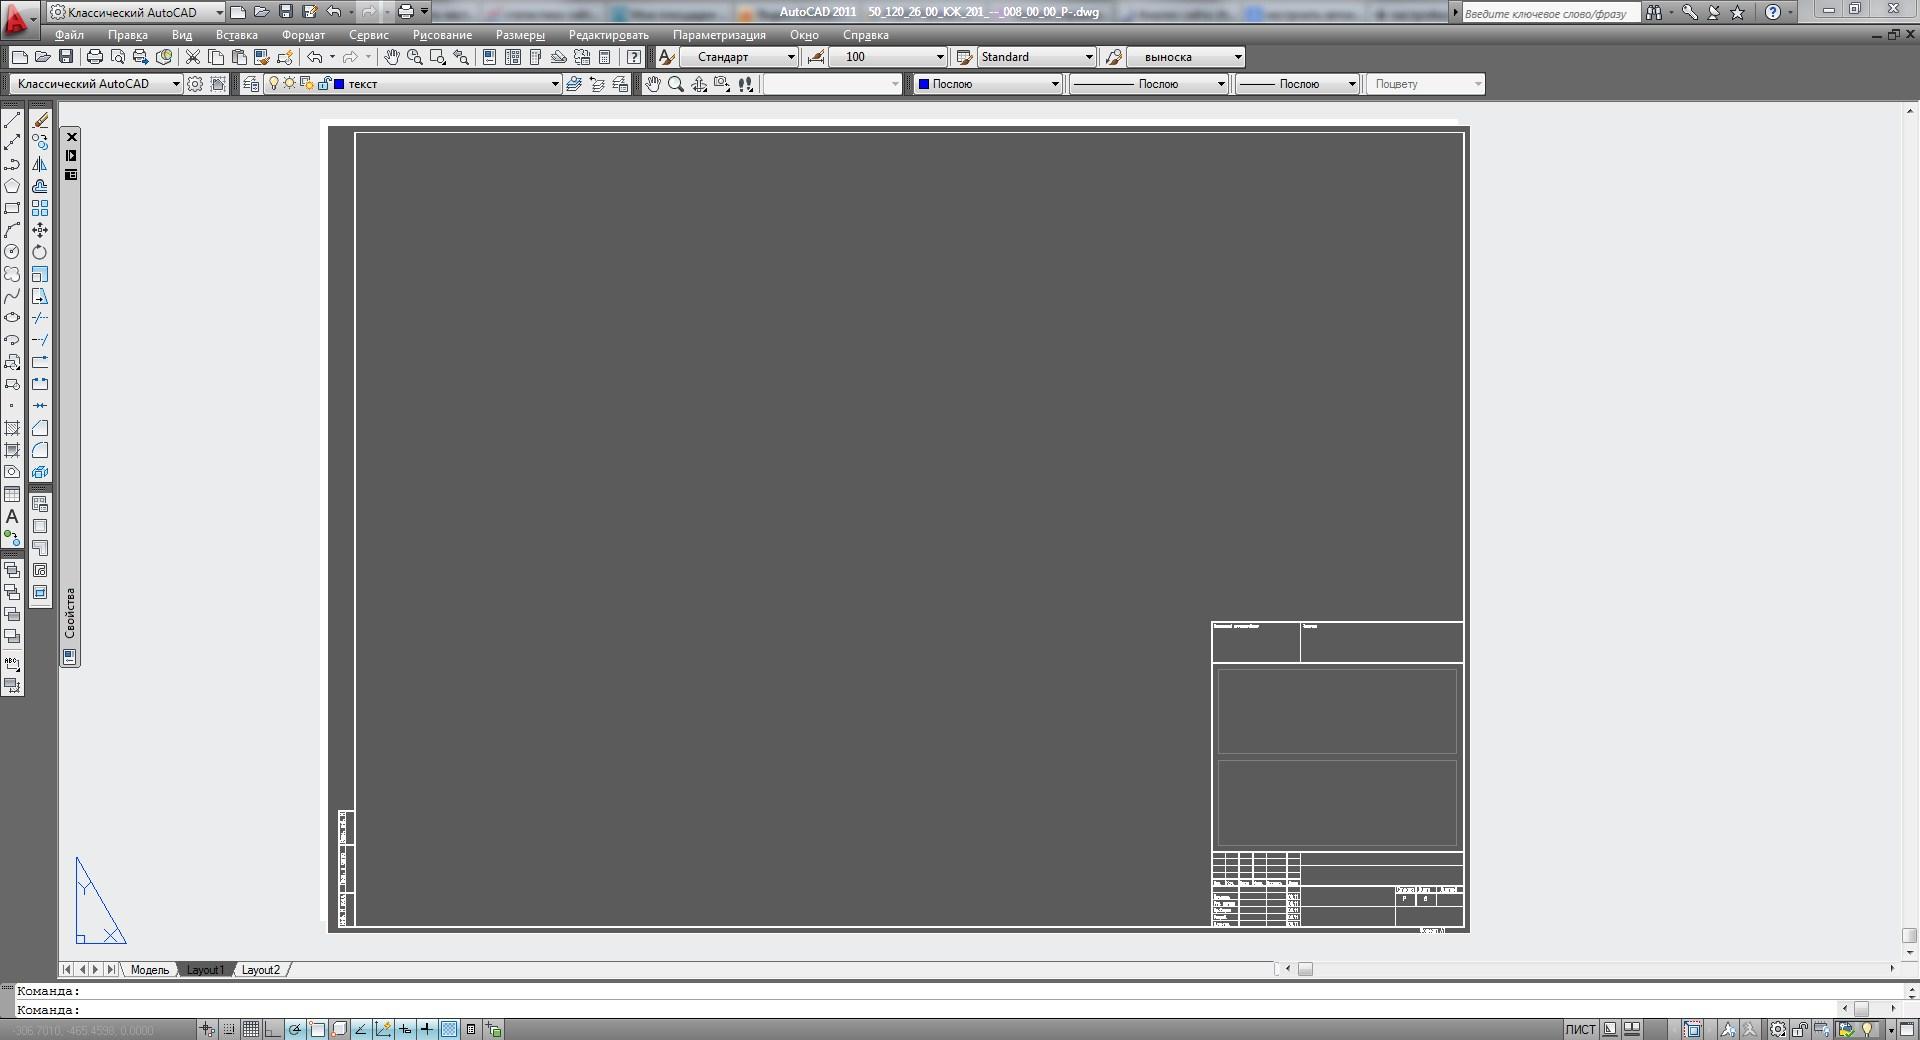 Как сделать чёрный экран в autoCAD? - Форум 79